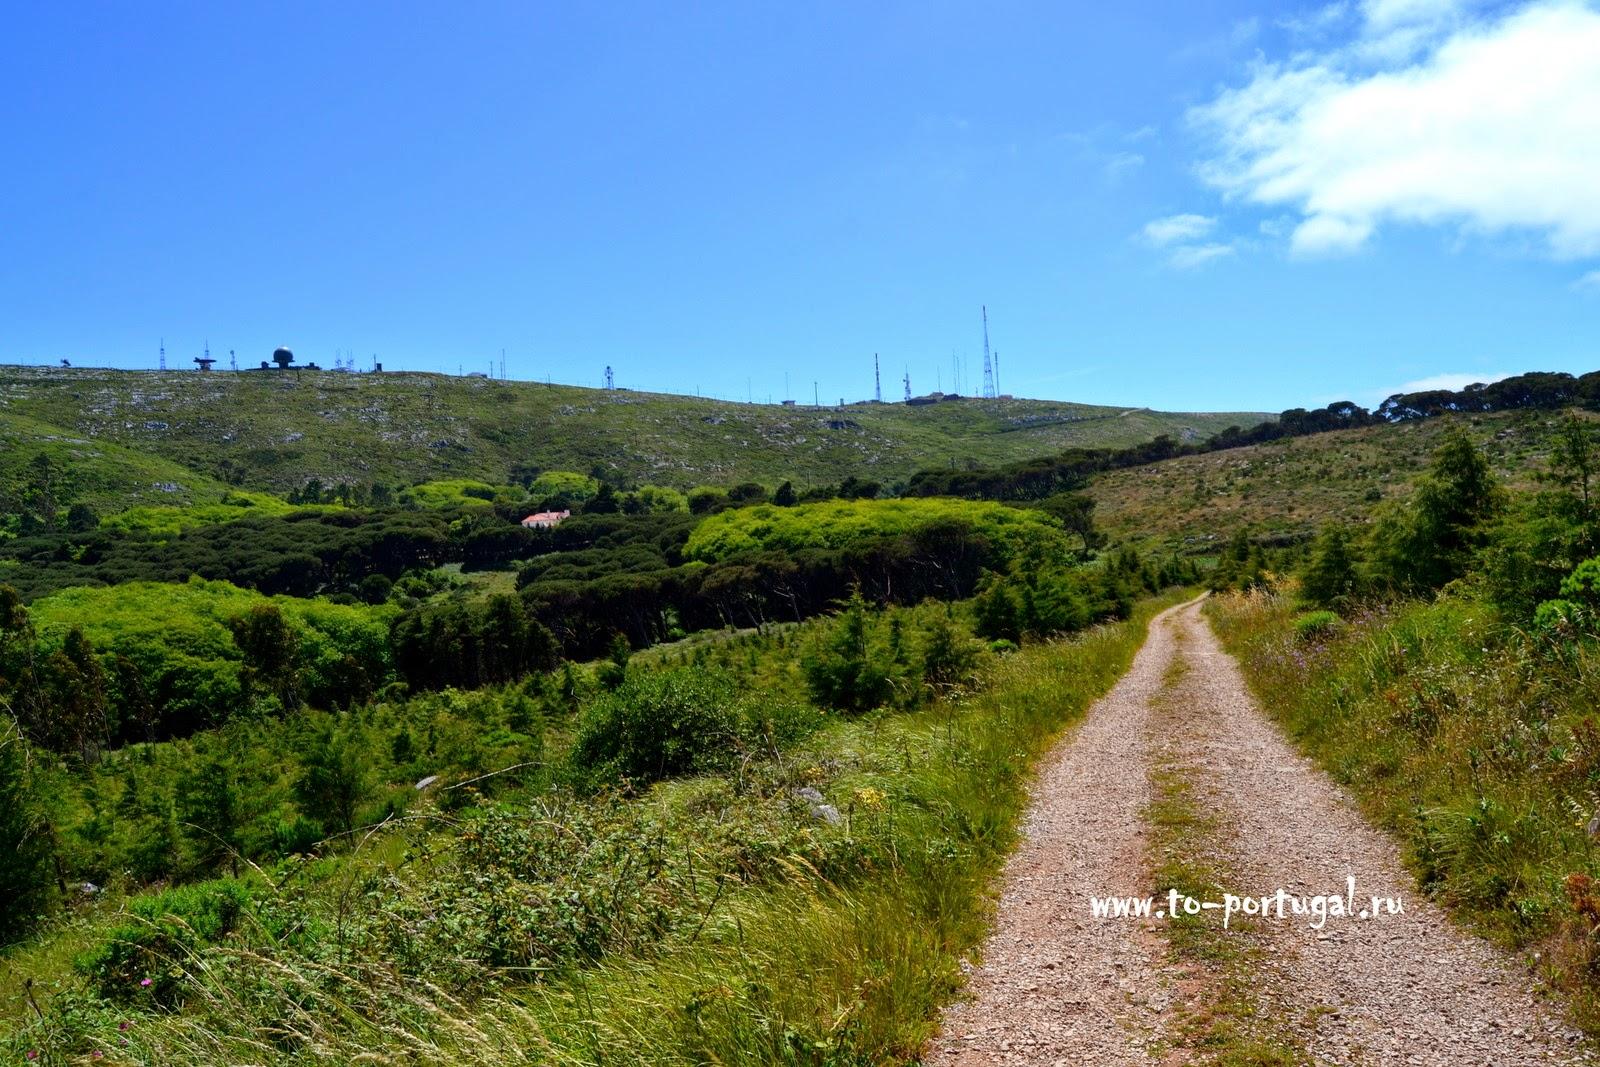 португальские прогулки, путешествия по Португалии